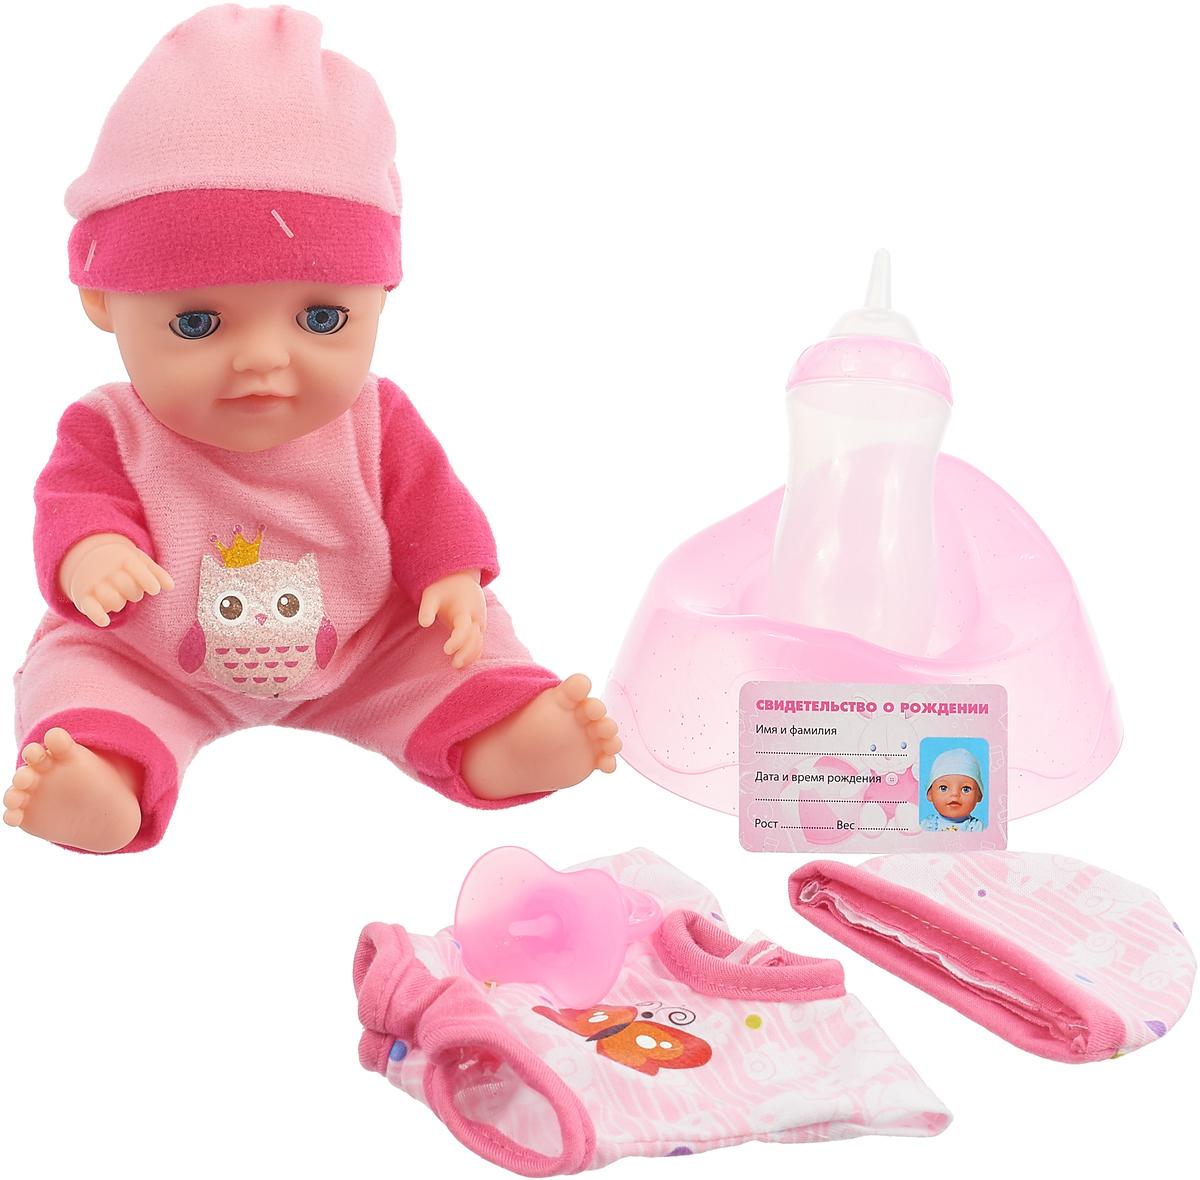 Карапуз Пупс цвет розовый Y20DP-BB-OTF-RU карапуз пупс цвет одежды желтый y35bb dp ru